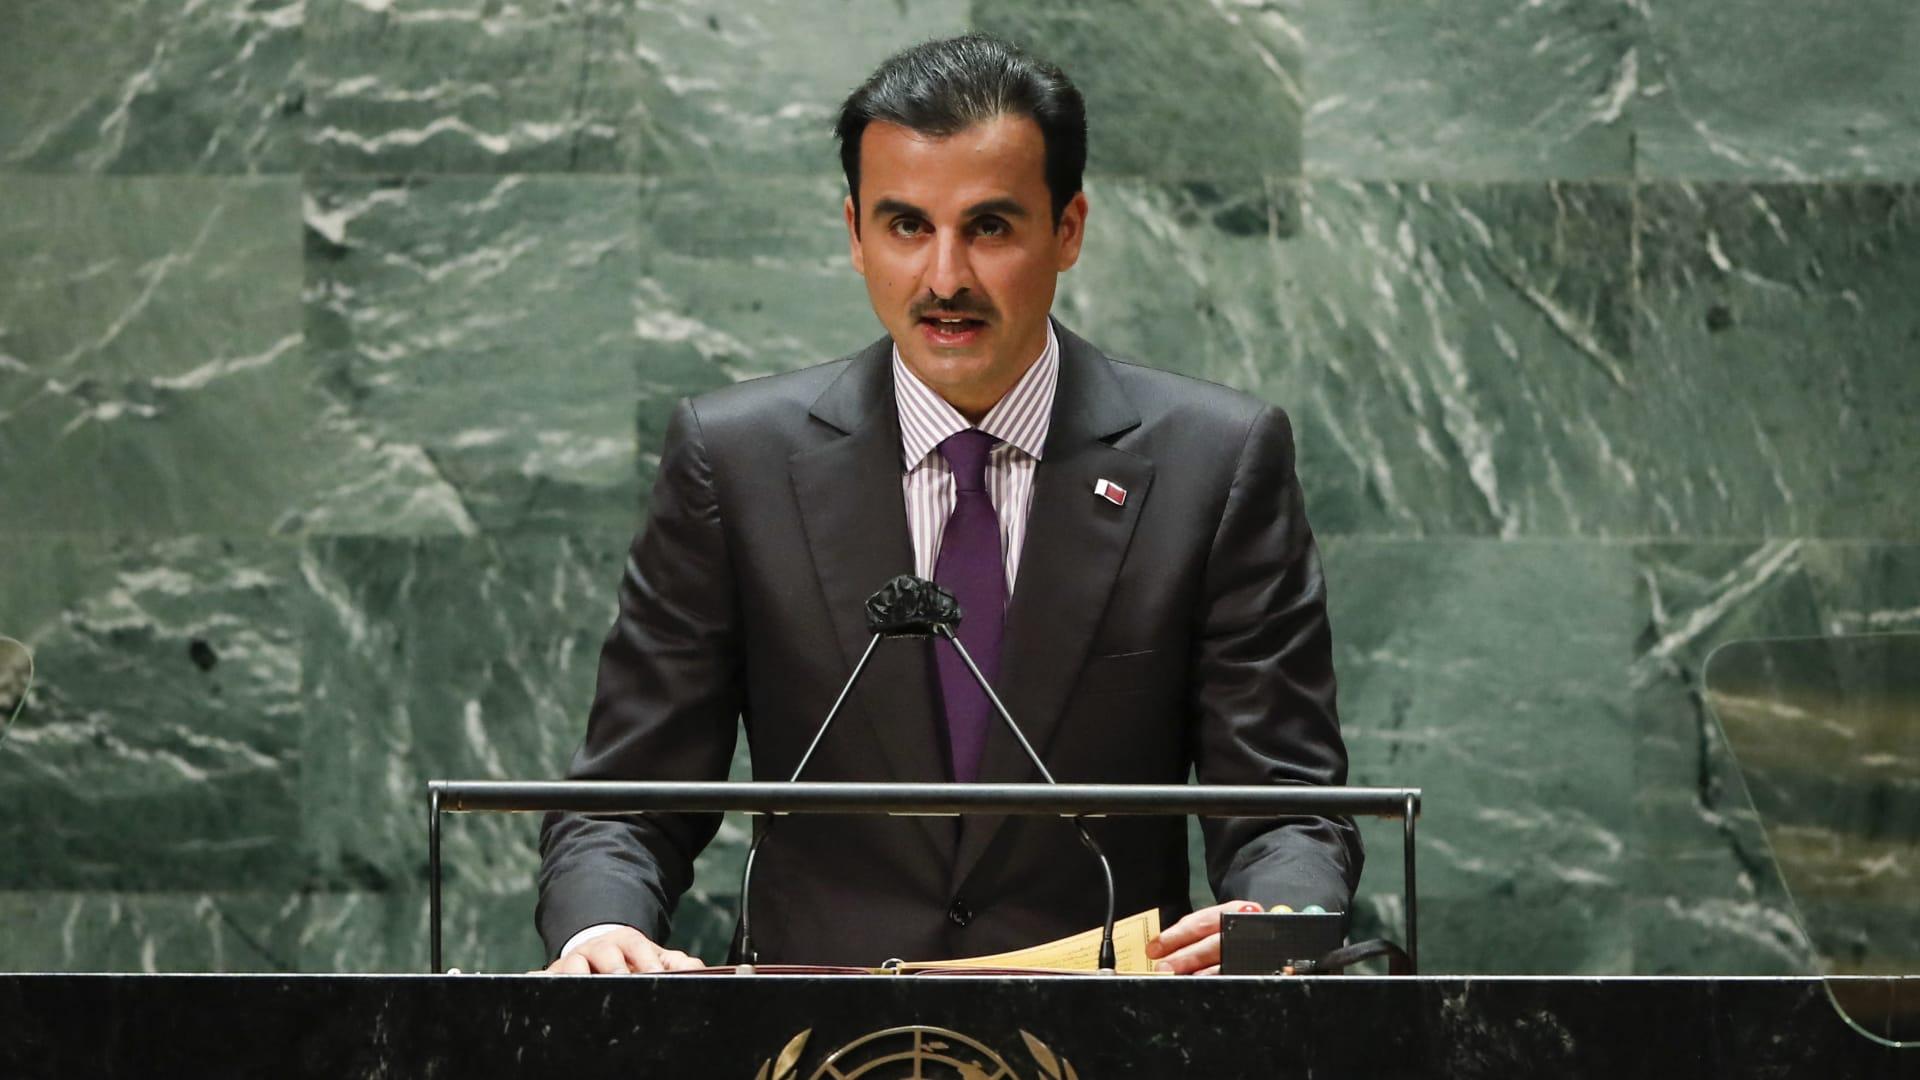 أمير قطر: إعلان العلا تجسيد لحل الخلافات بالحوار.. ولا يعقل لدول كبرى أن تفرض على أخرى شكل نظامها